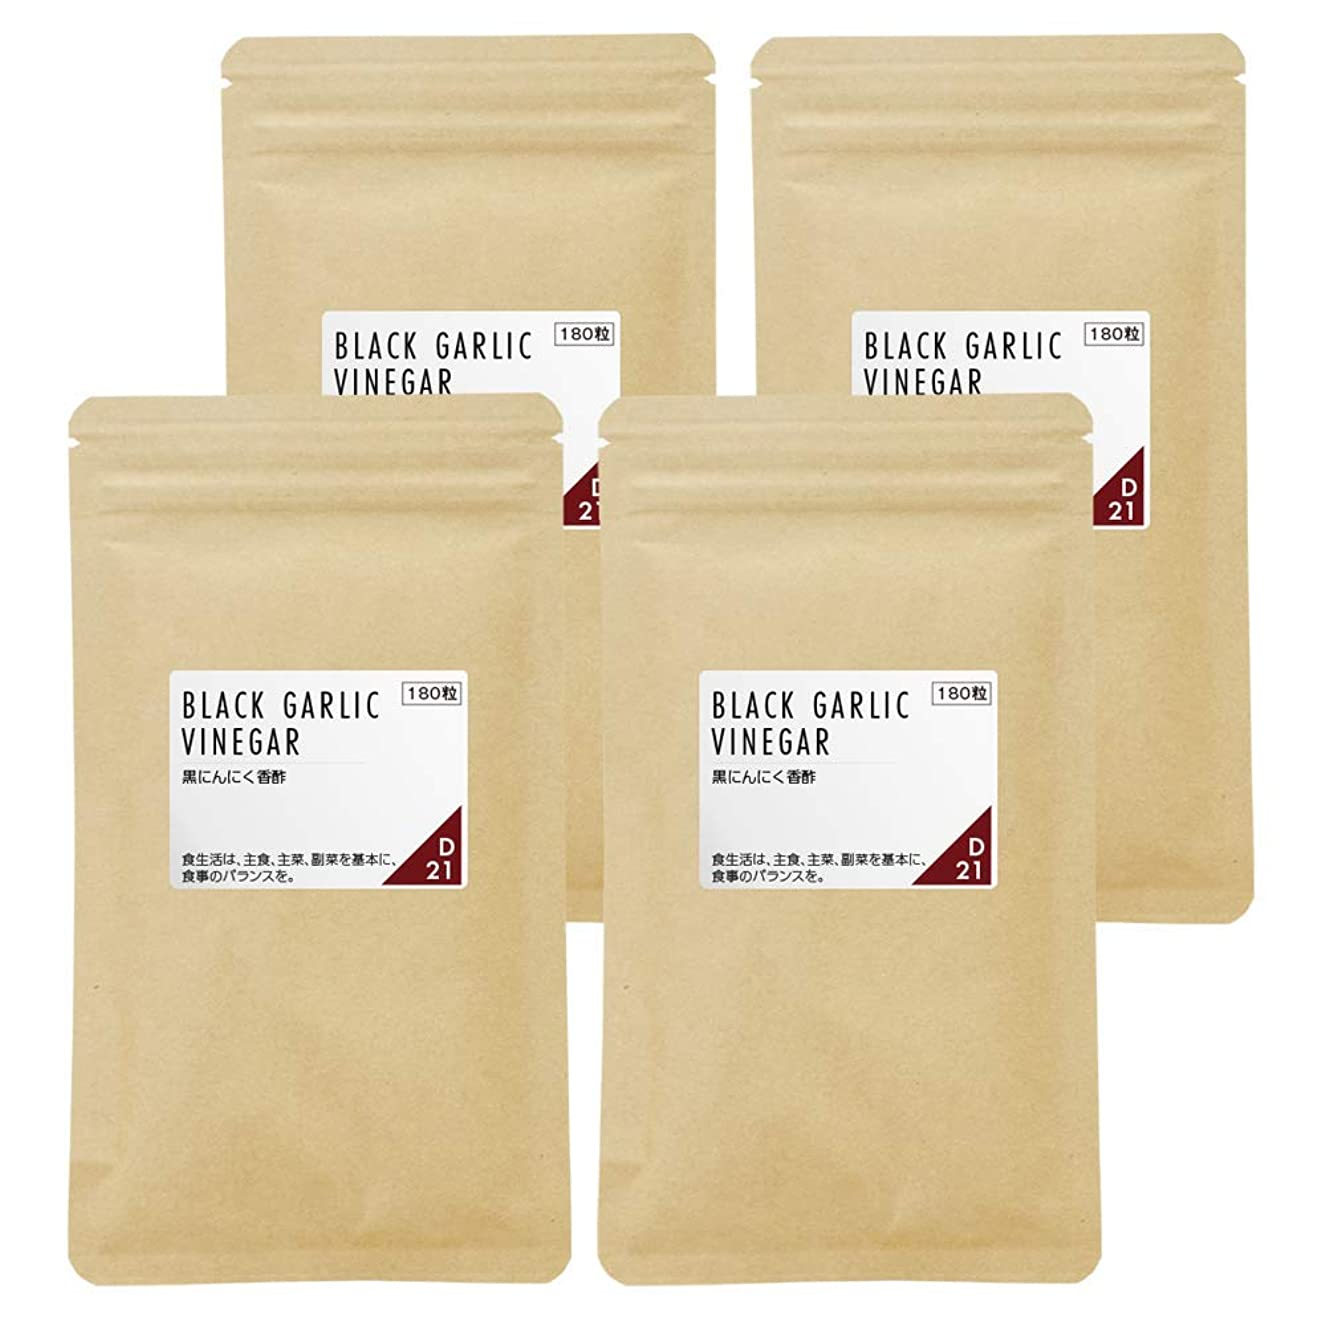 ジェームズダイソン入力良いnichie 黒にんにく 香酢 ソフトカプセル 約1年分(180粒×4袋)